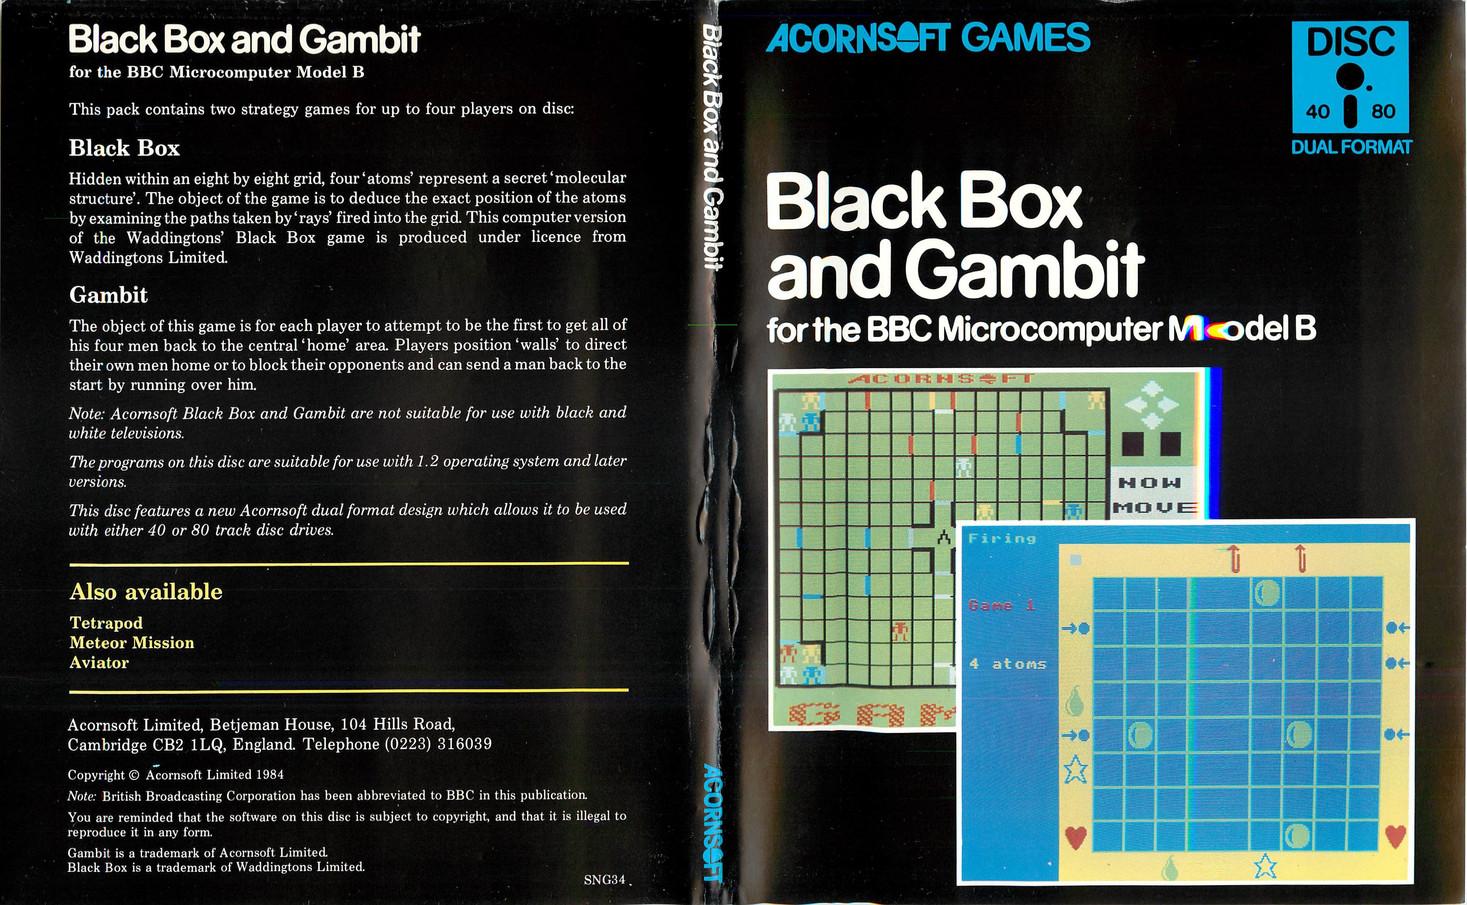 GambitCover.jpg